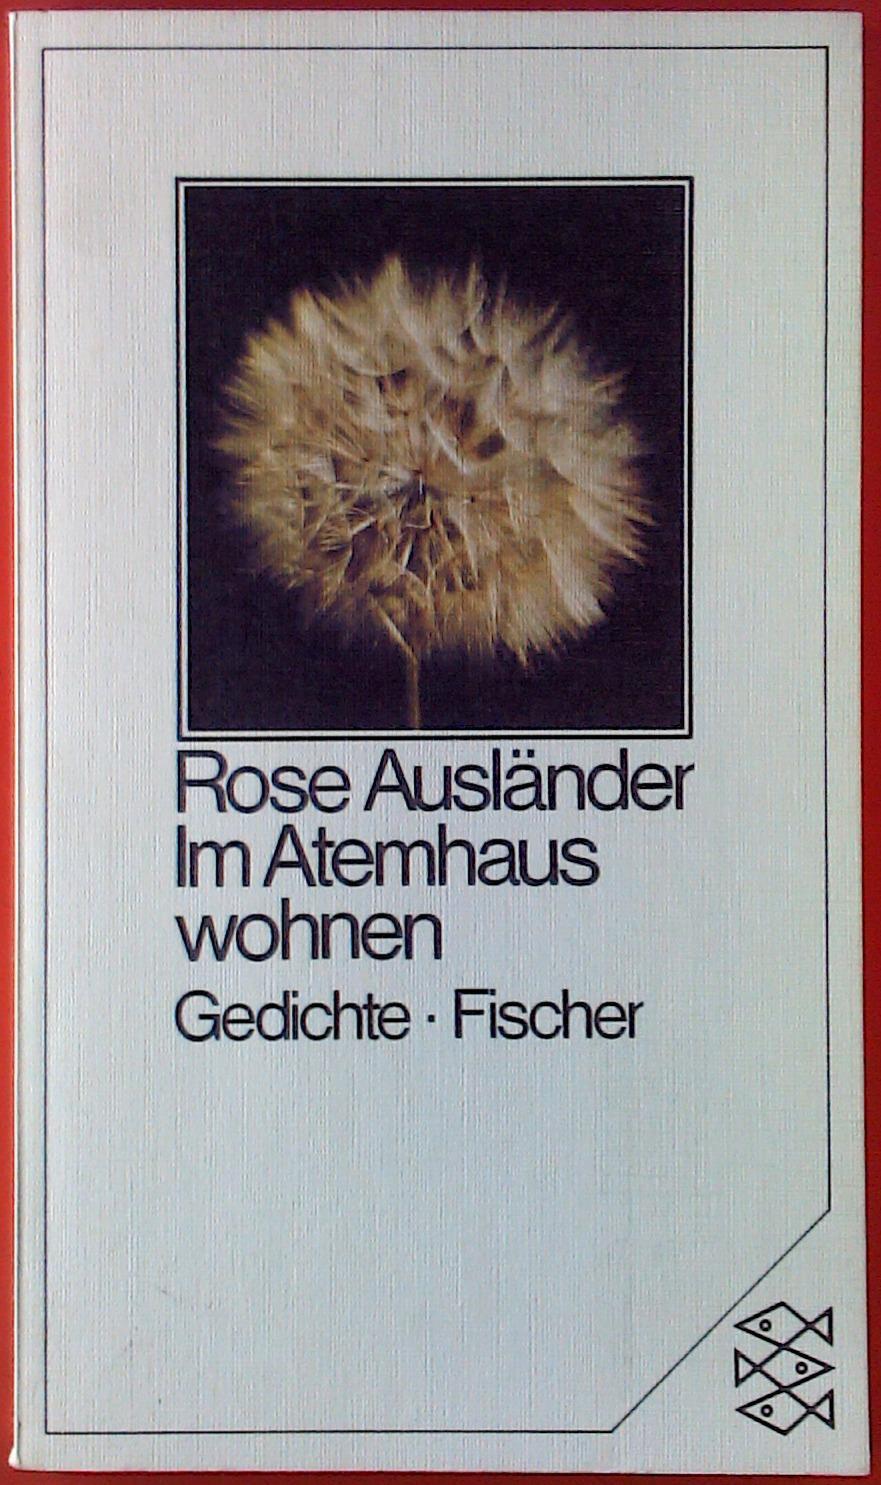 Rose Ausländer Gedichte Engel